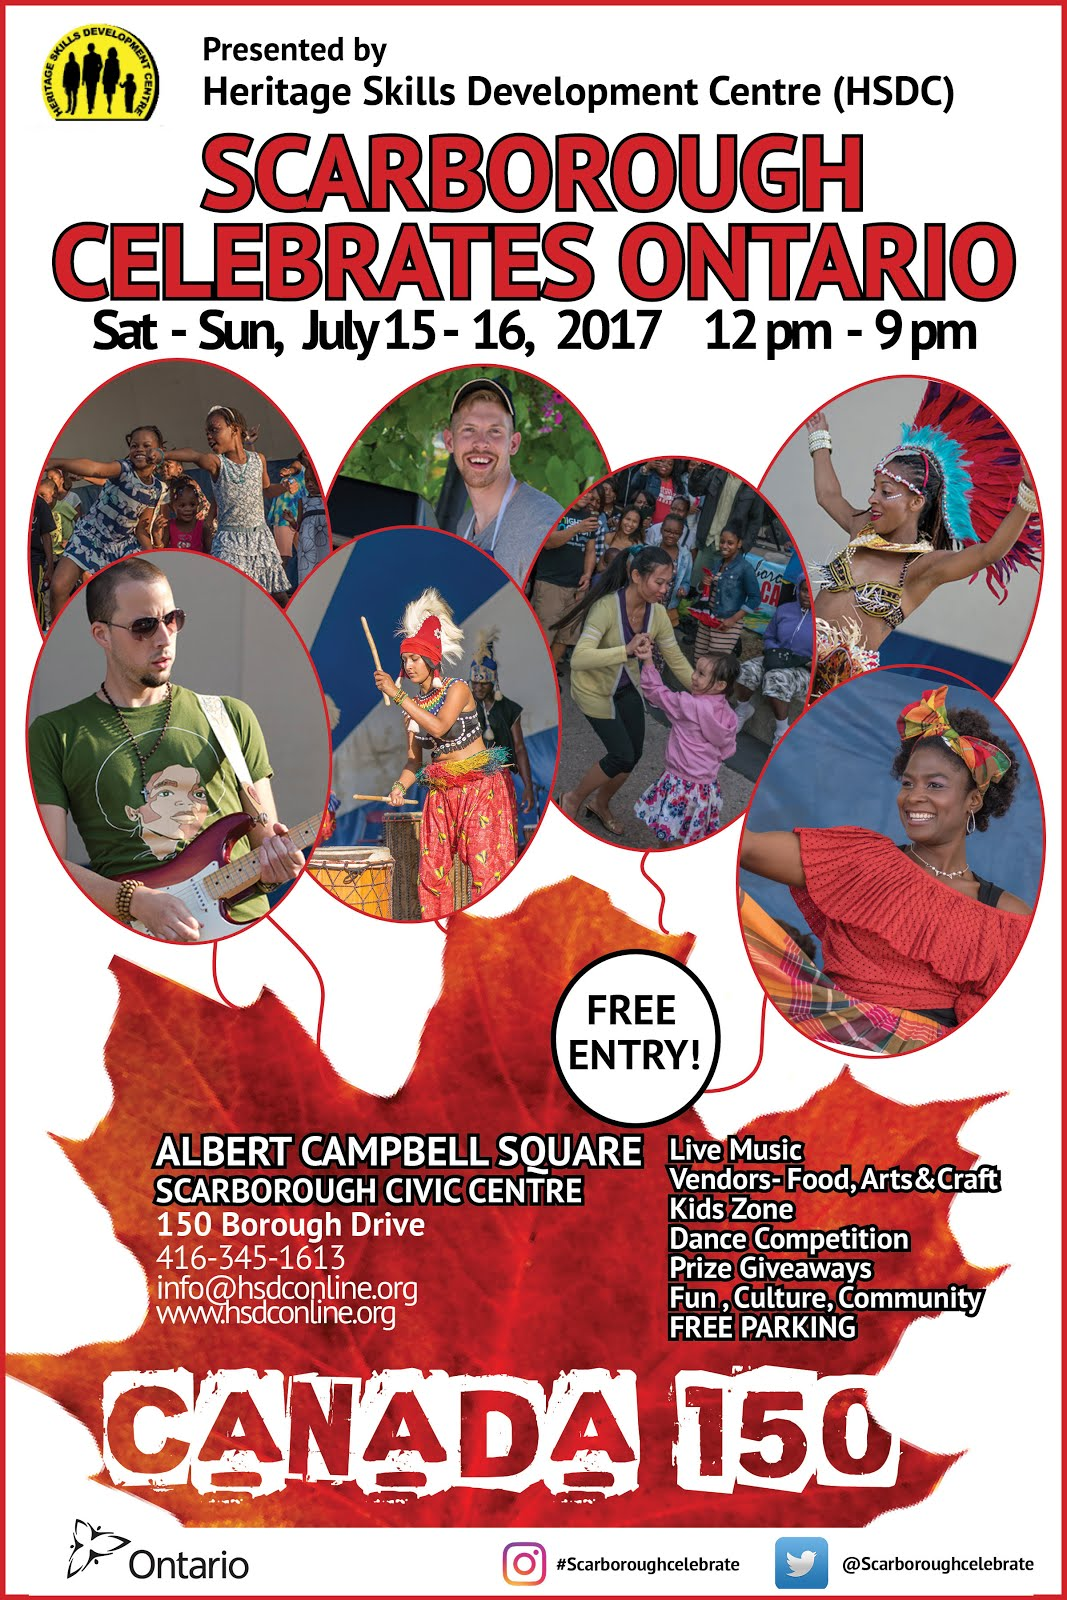 July 15-16 Scarborough Celebrates Ontario 150